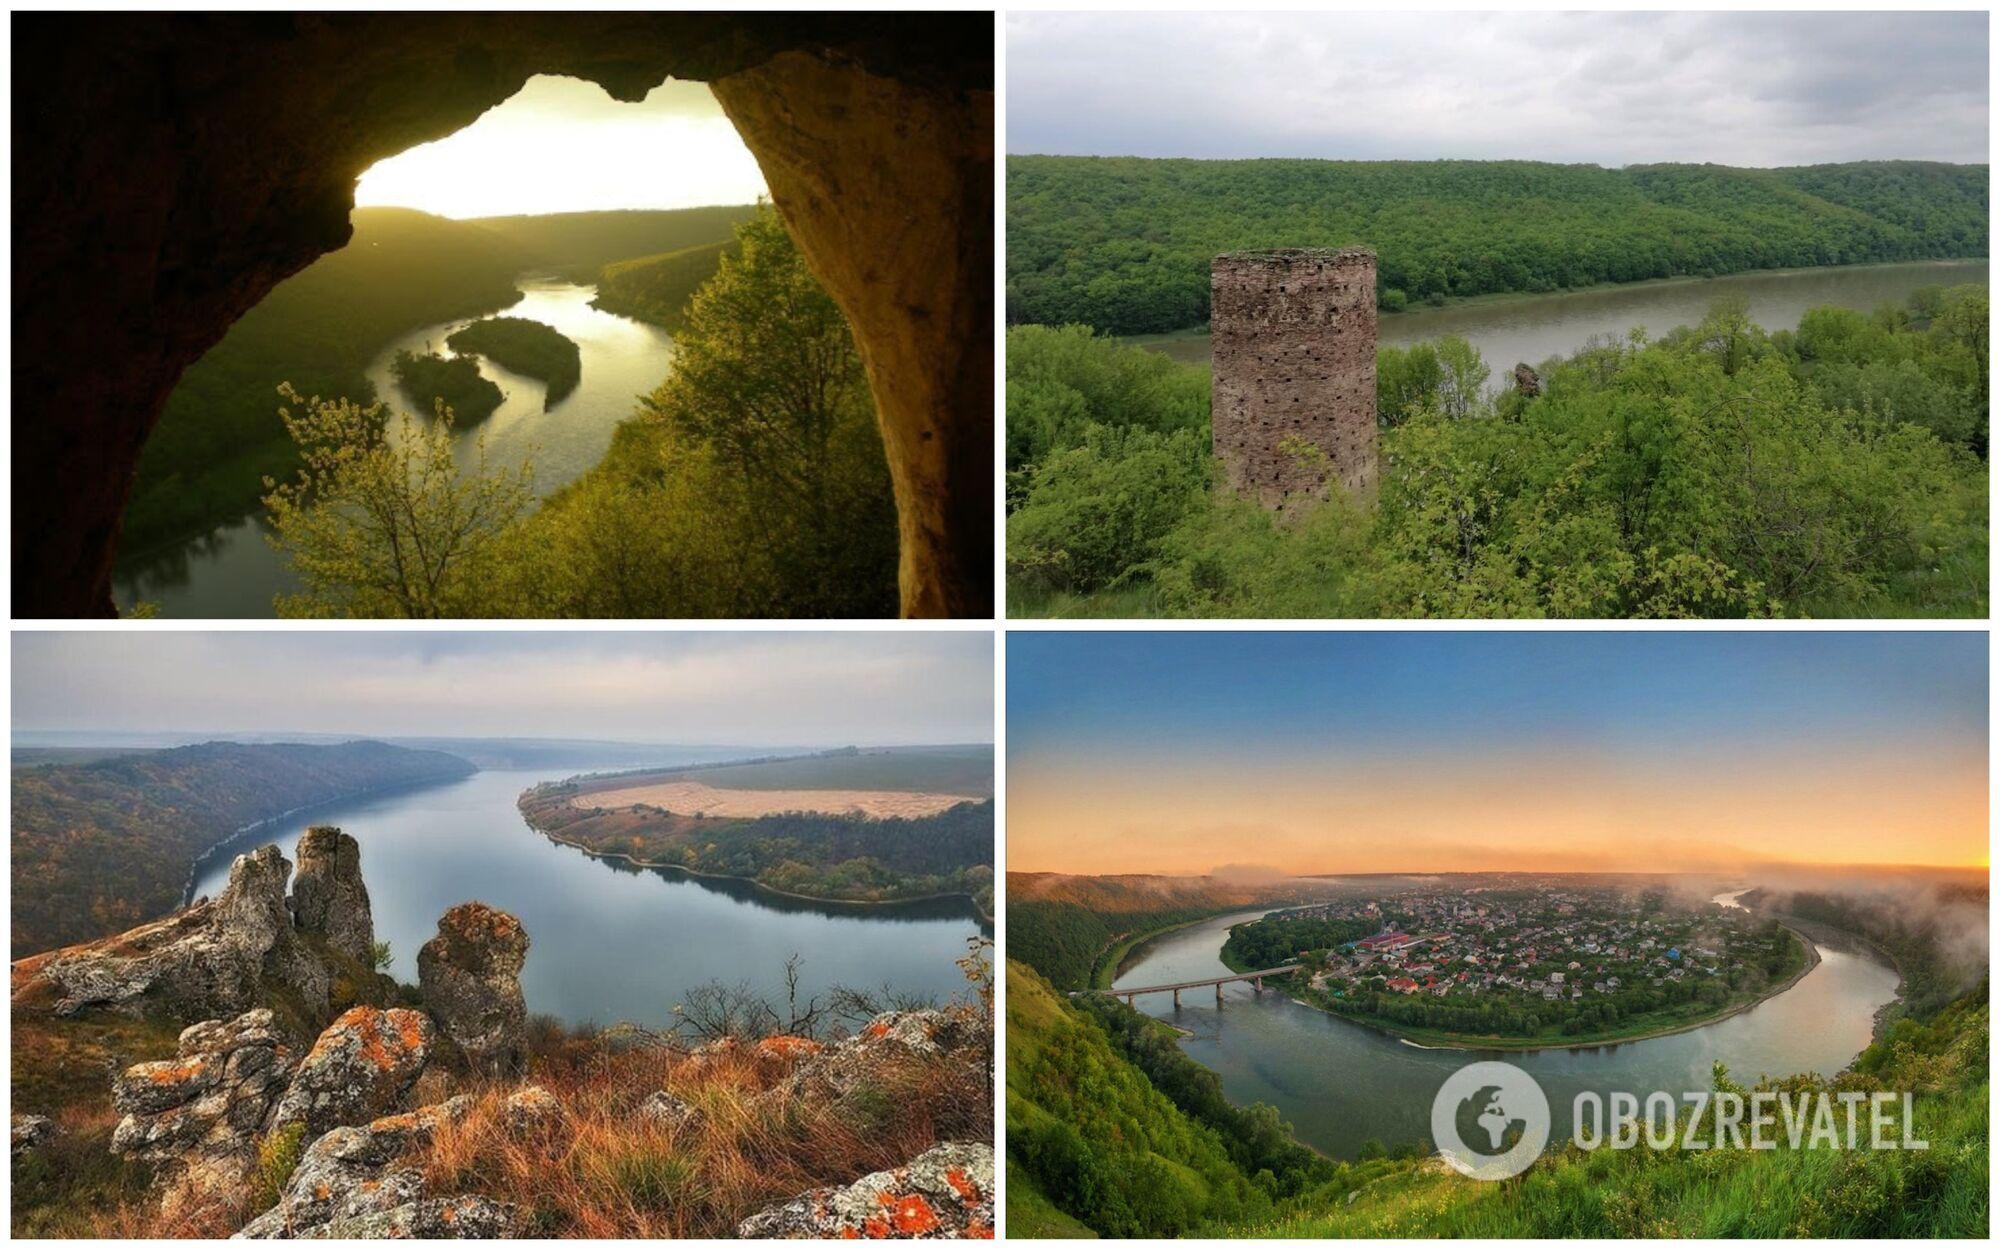 Каньон находится на границе четырех областей: Ивано-Франковской, Хмельницкой, Черновицкой и Тернопольской